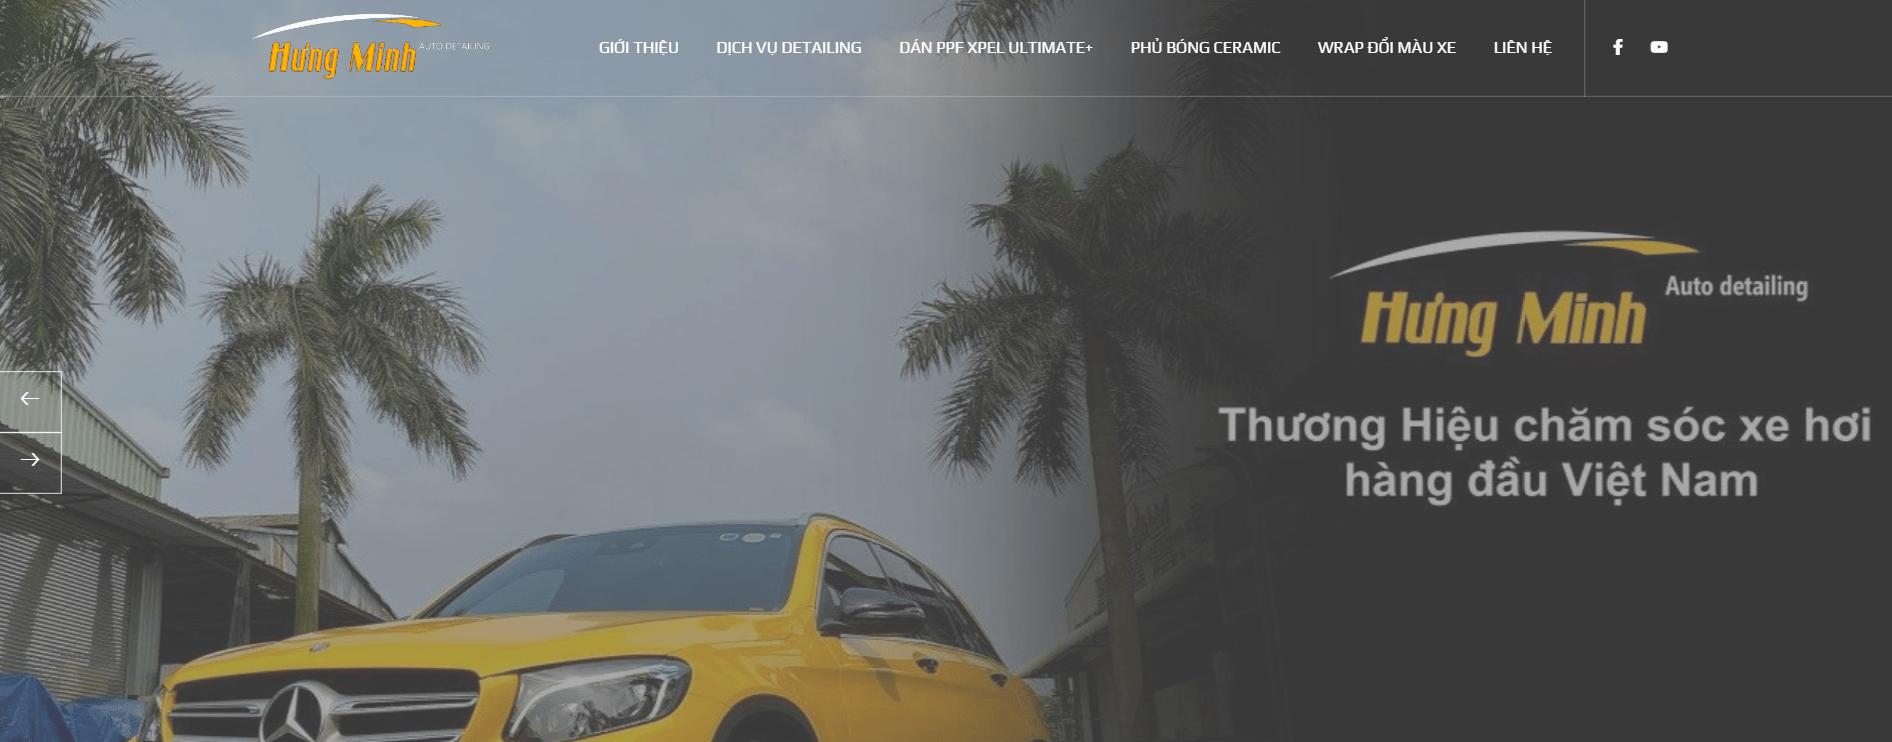 Hưng Minh Auto